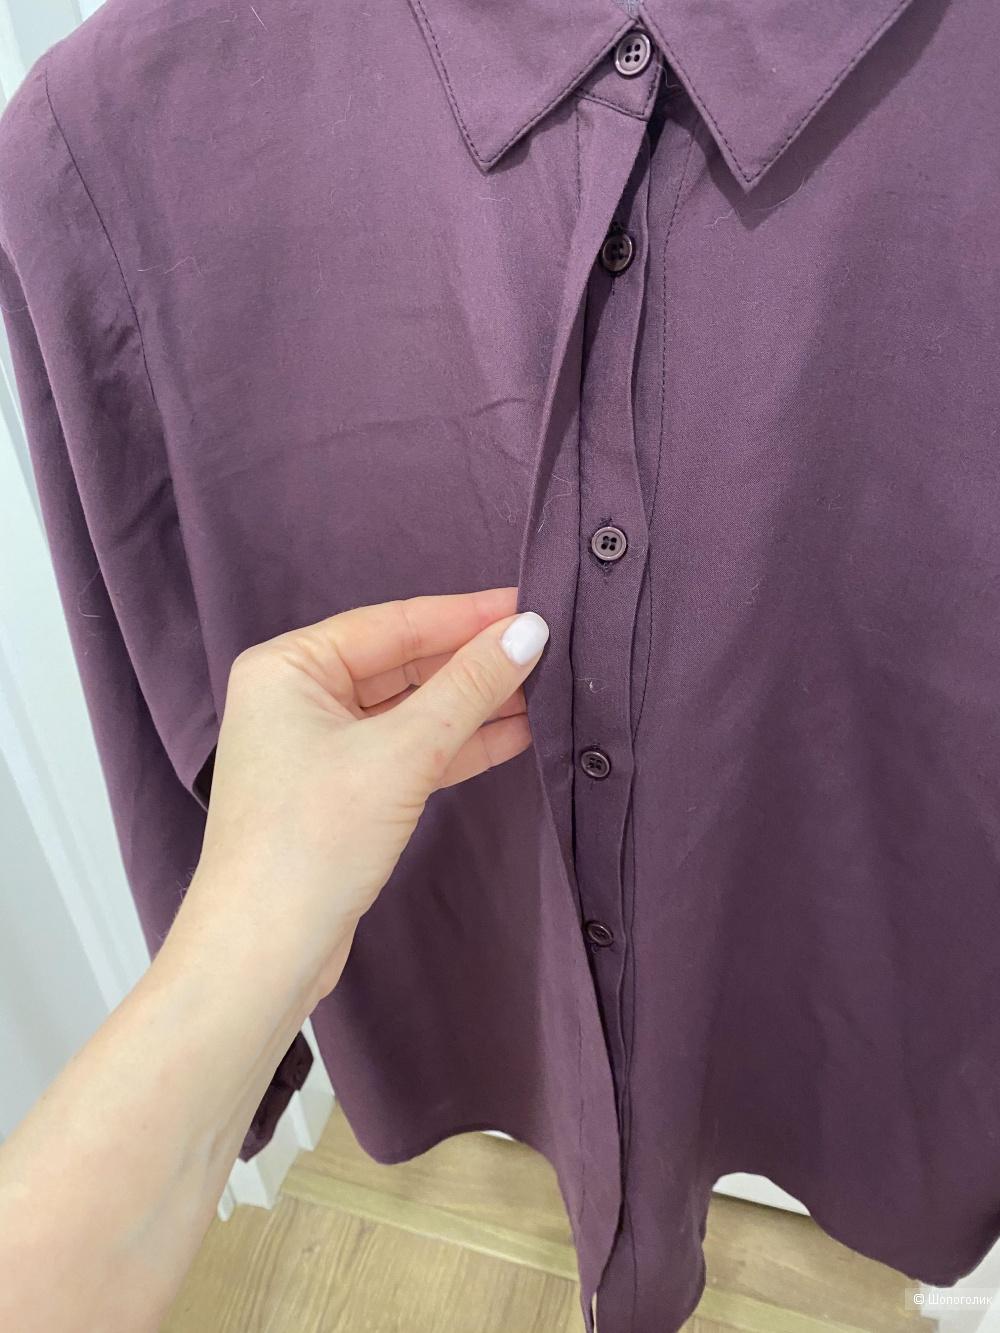 Рубашка, caddis fly, размер М